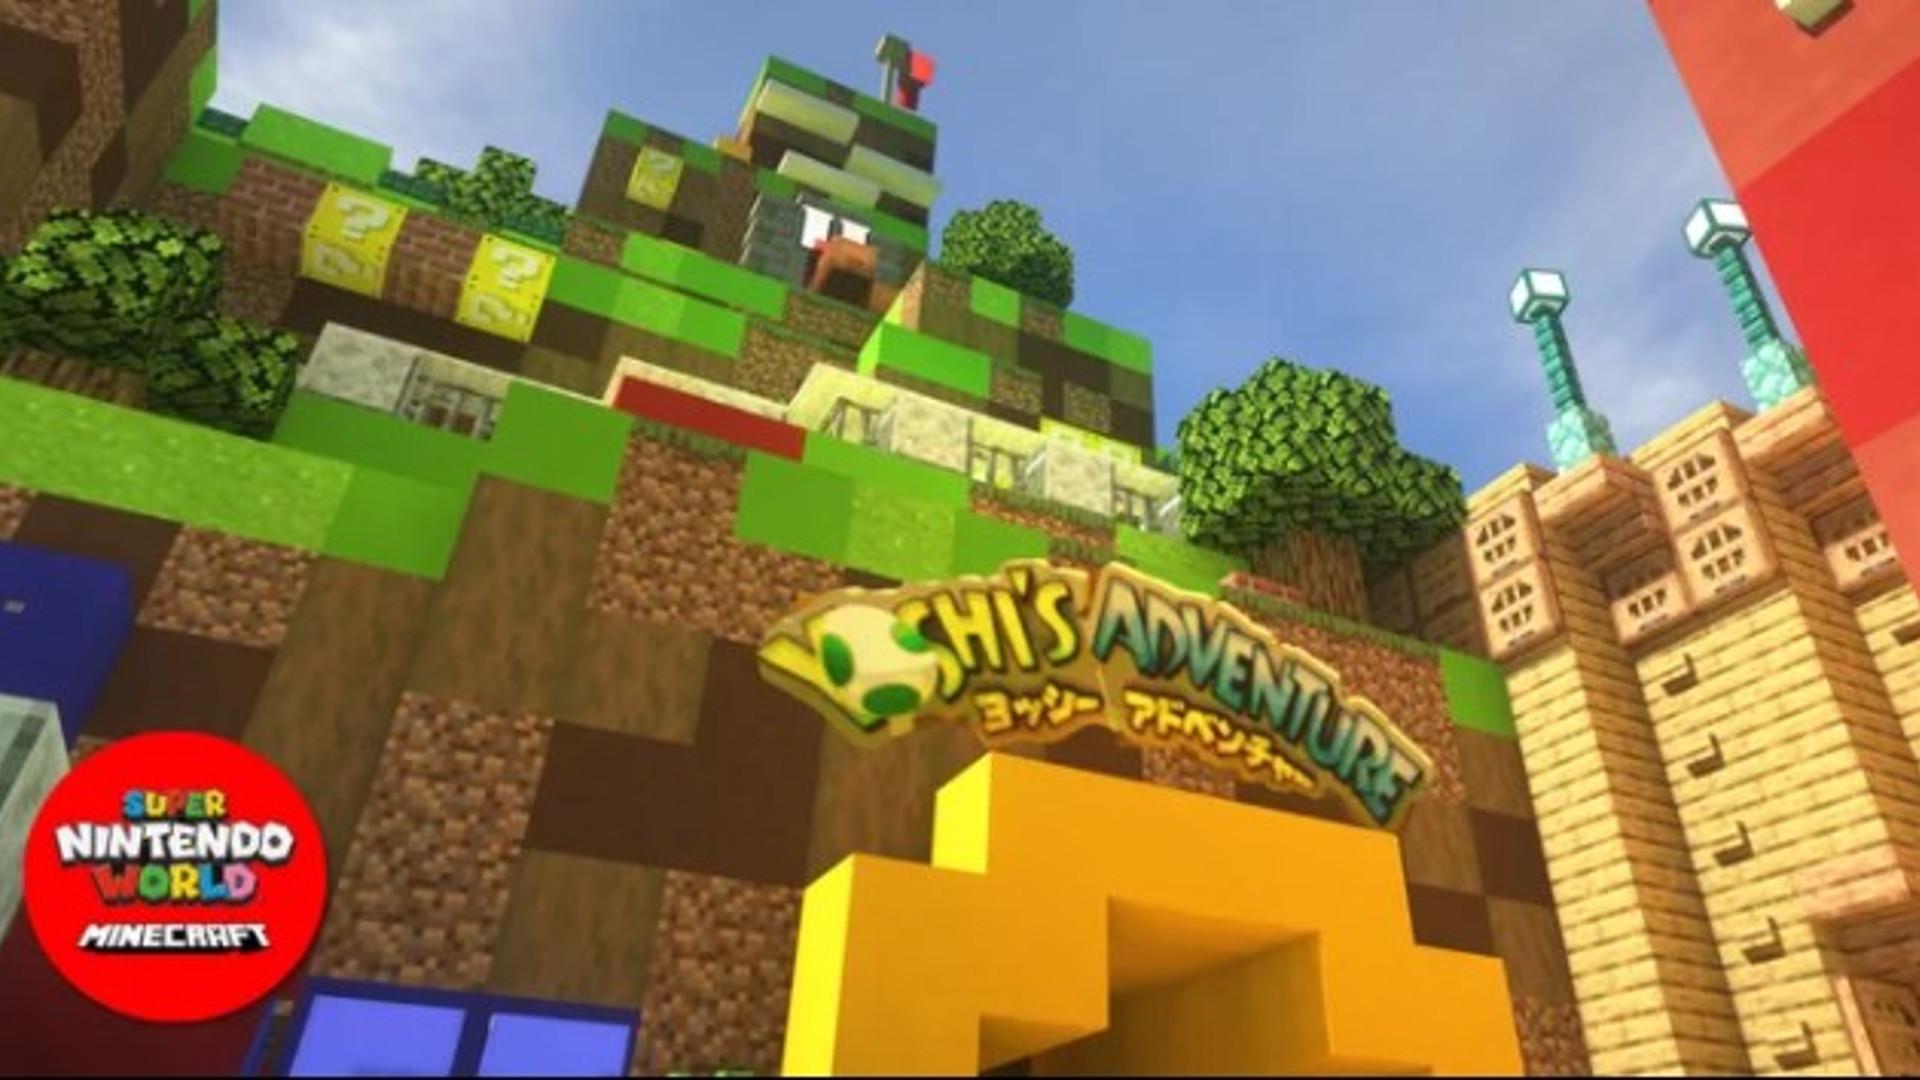 Super Nintendo World is being built in Minecraft